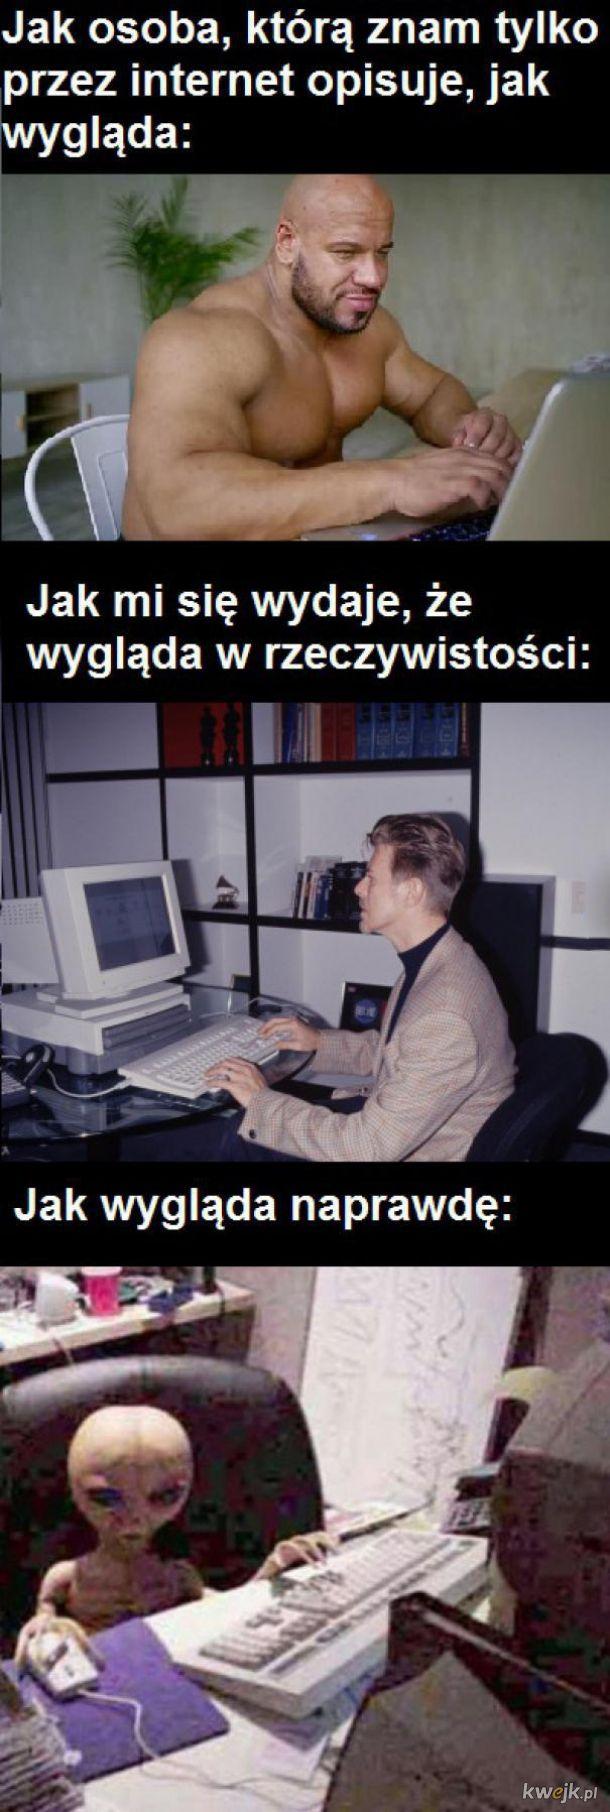 Znajomość z internetu